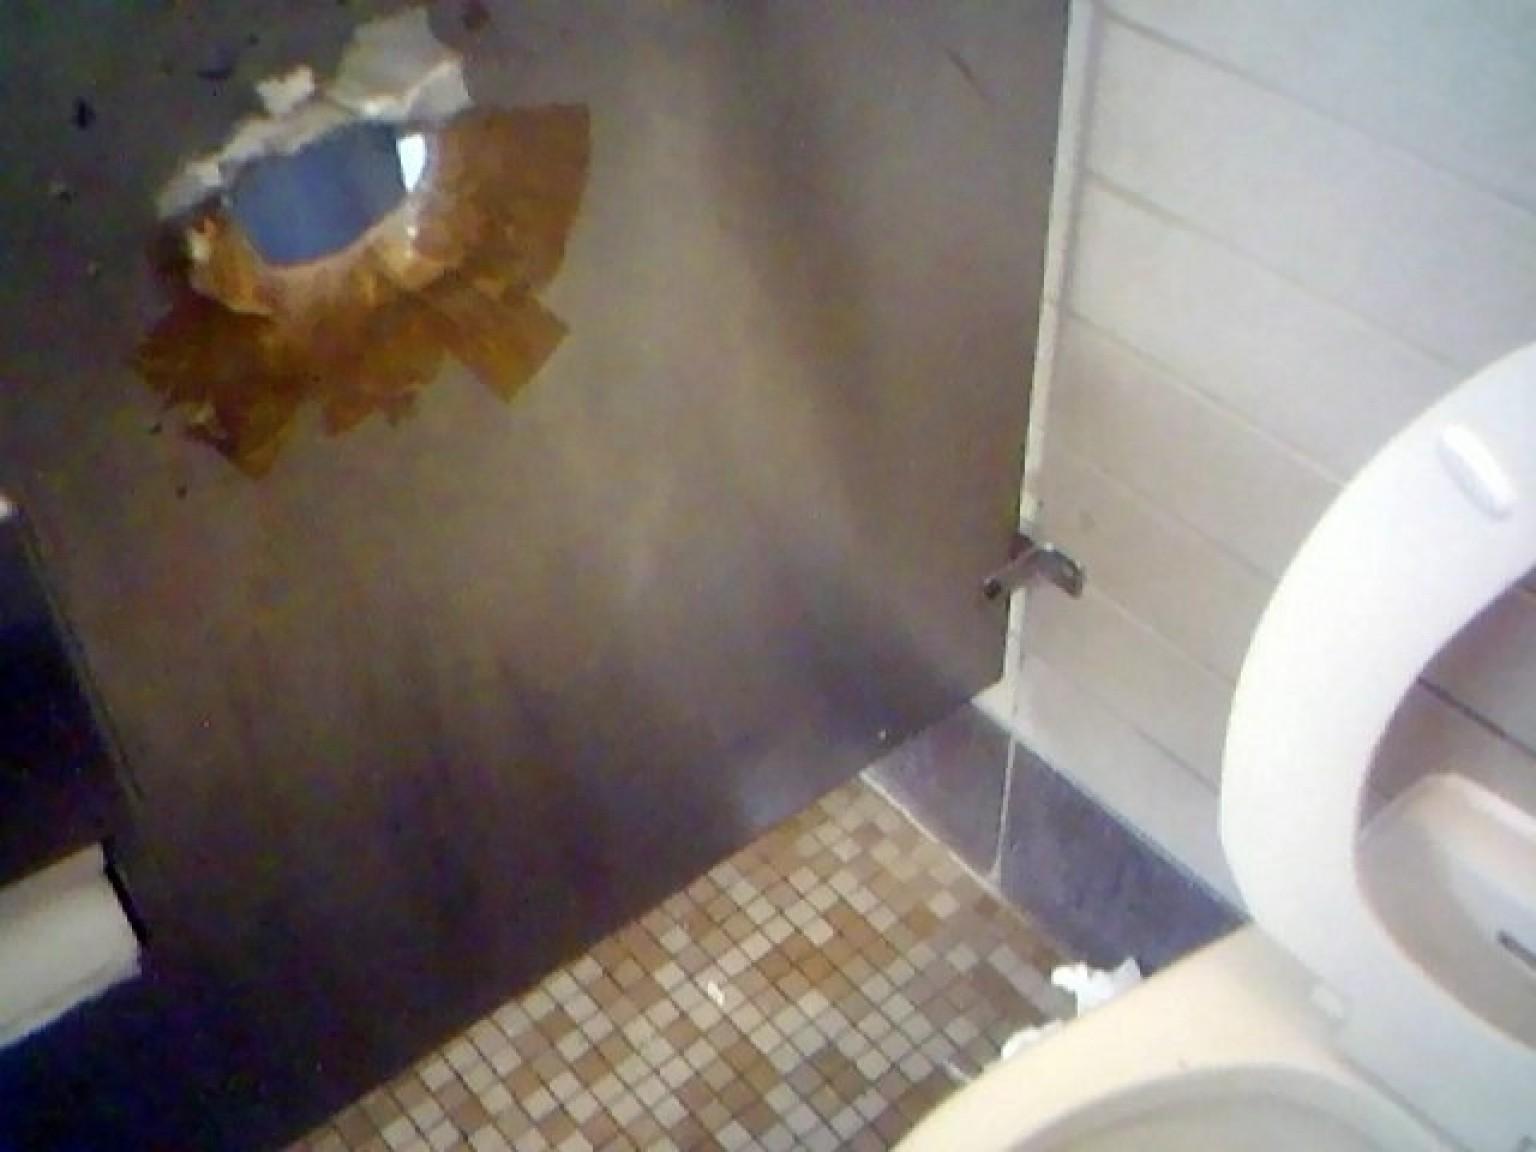 неожиданно член с дырки в туалете может